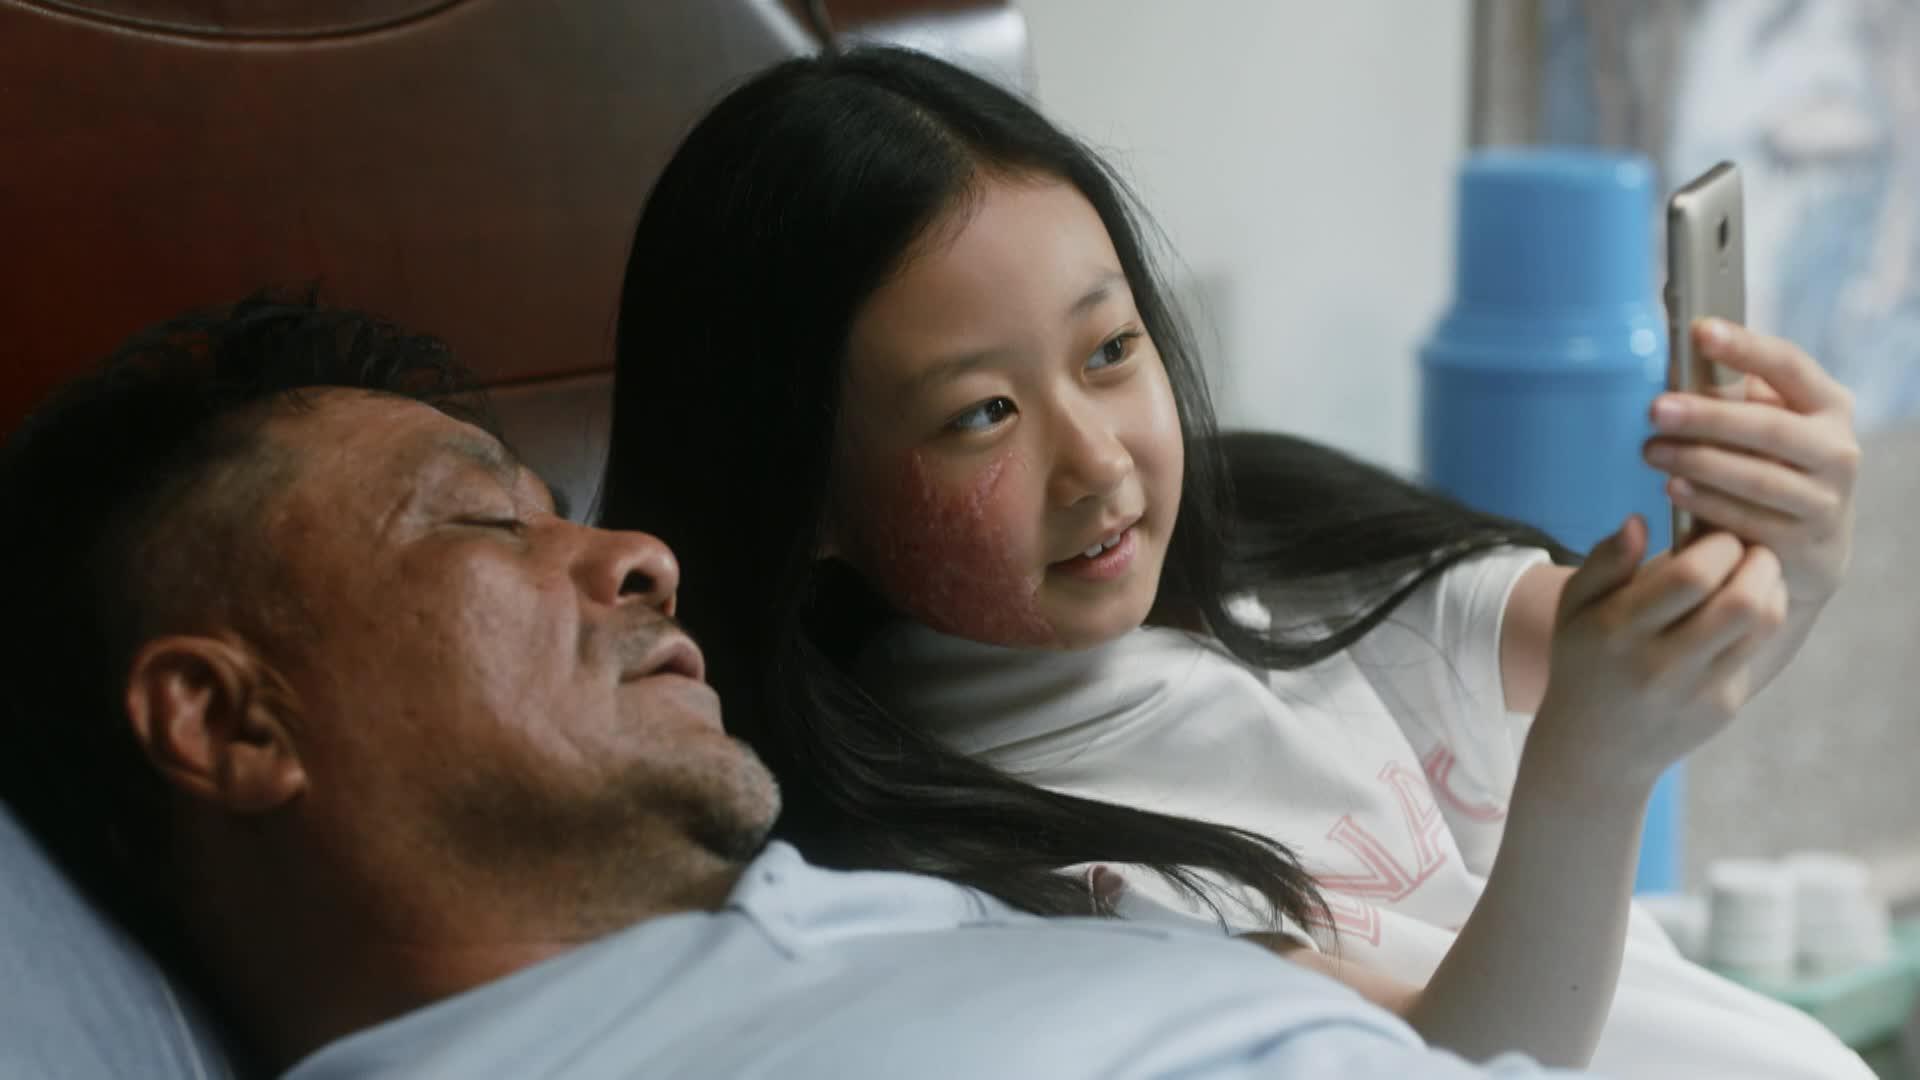 《装台》第三十集精彩剧情片段:大雀儿心脏猝死